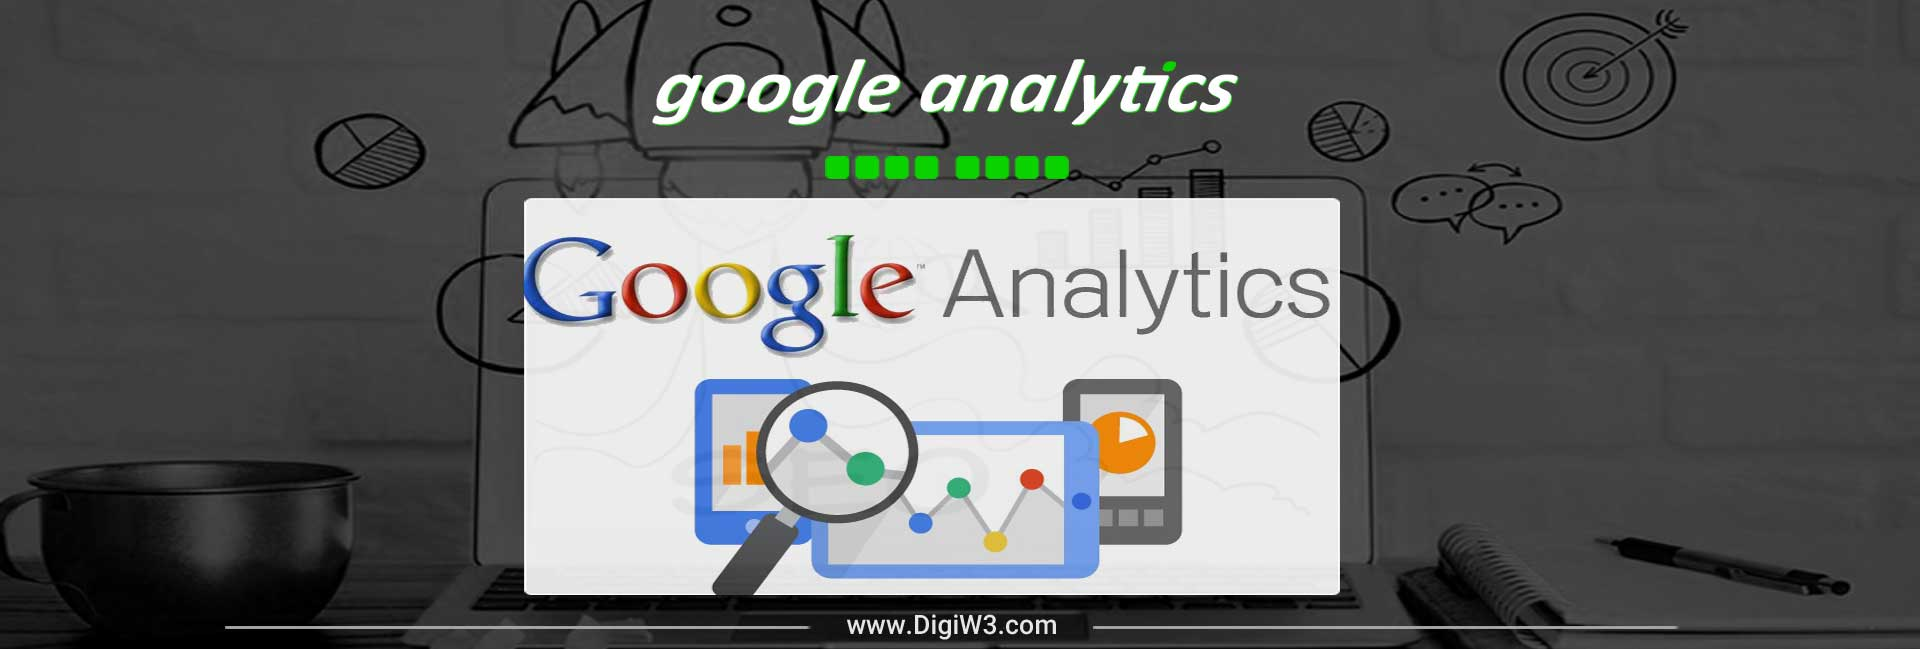 کاربردهای گوگل آنالیتیکس از صفر تا صد